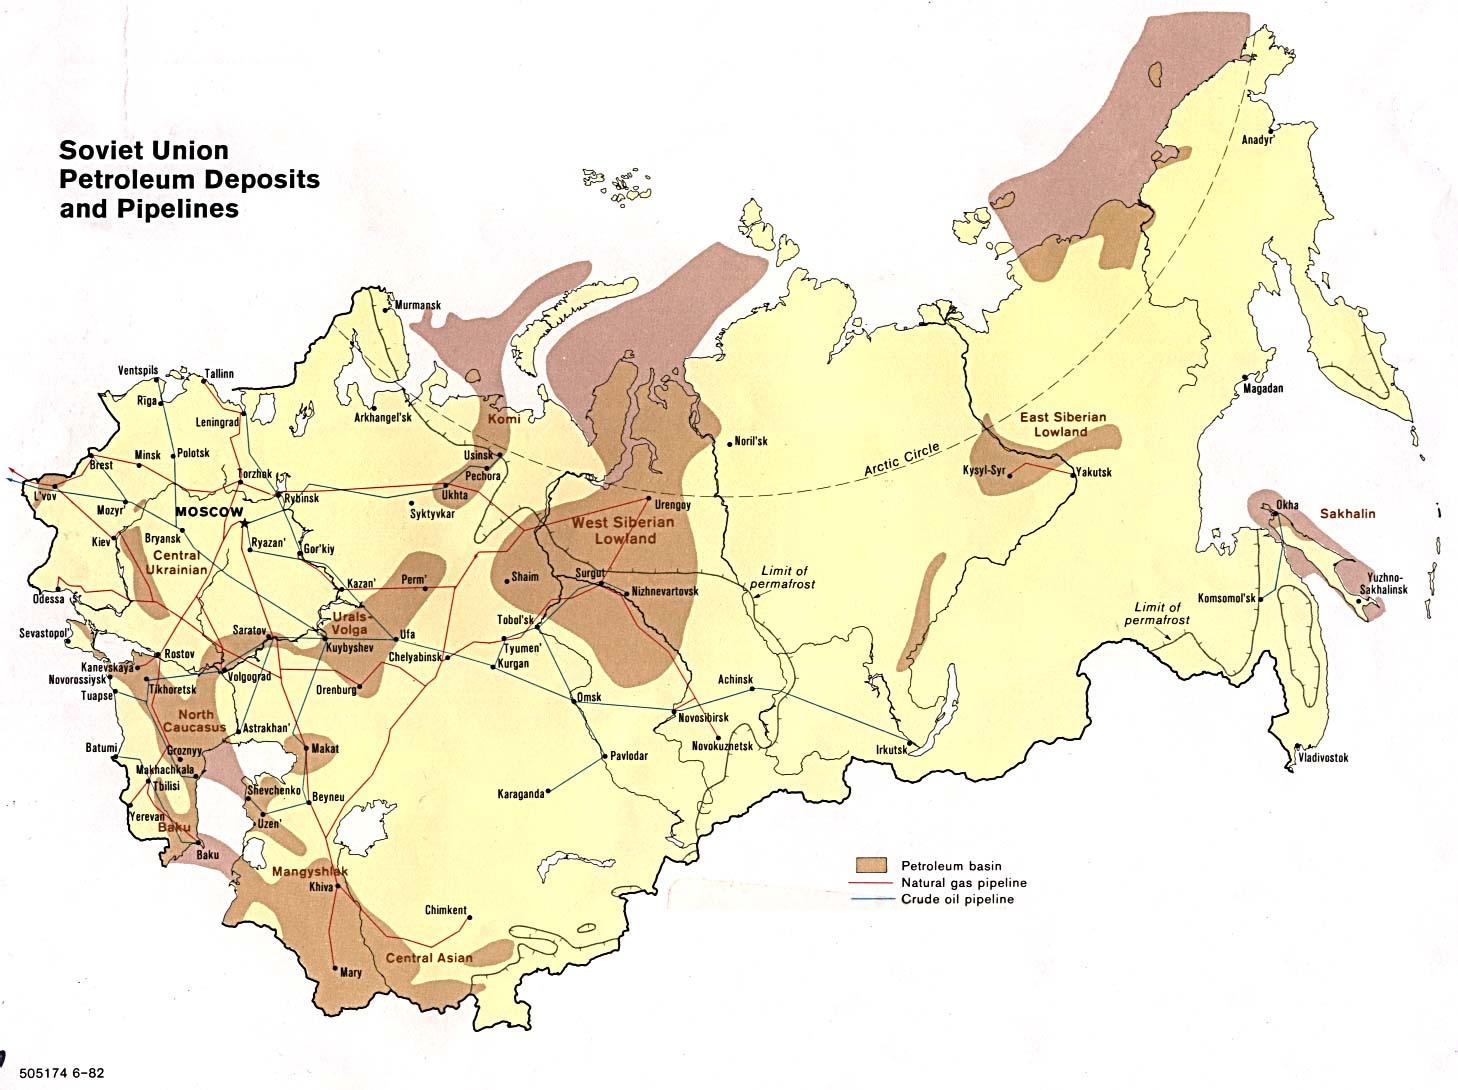 Mapa de los Depósitos de Petróleo y Oleoductos en la ex Unión Soviética